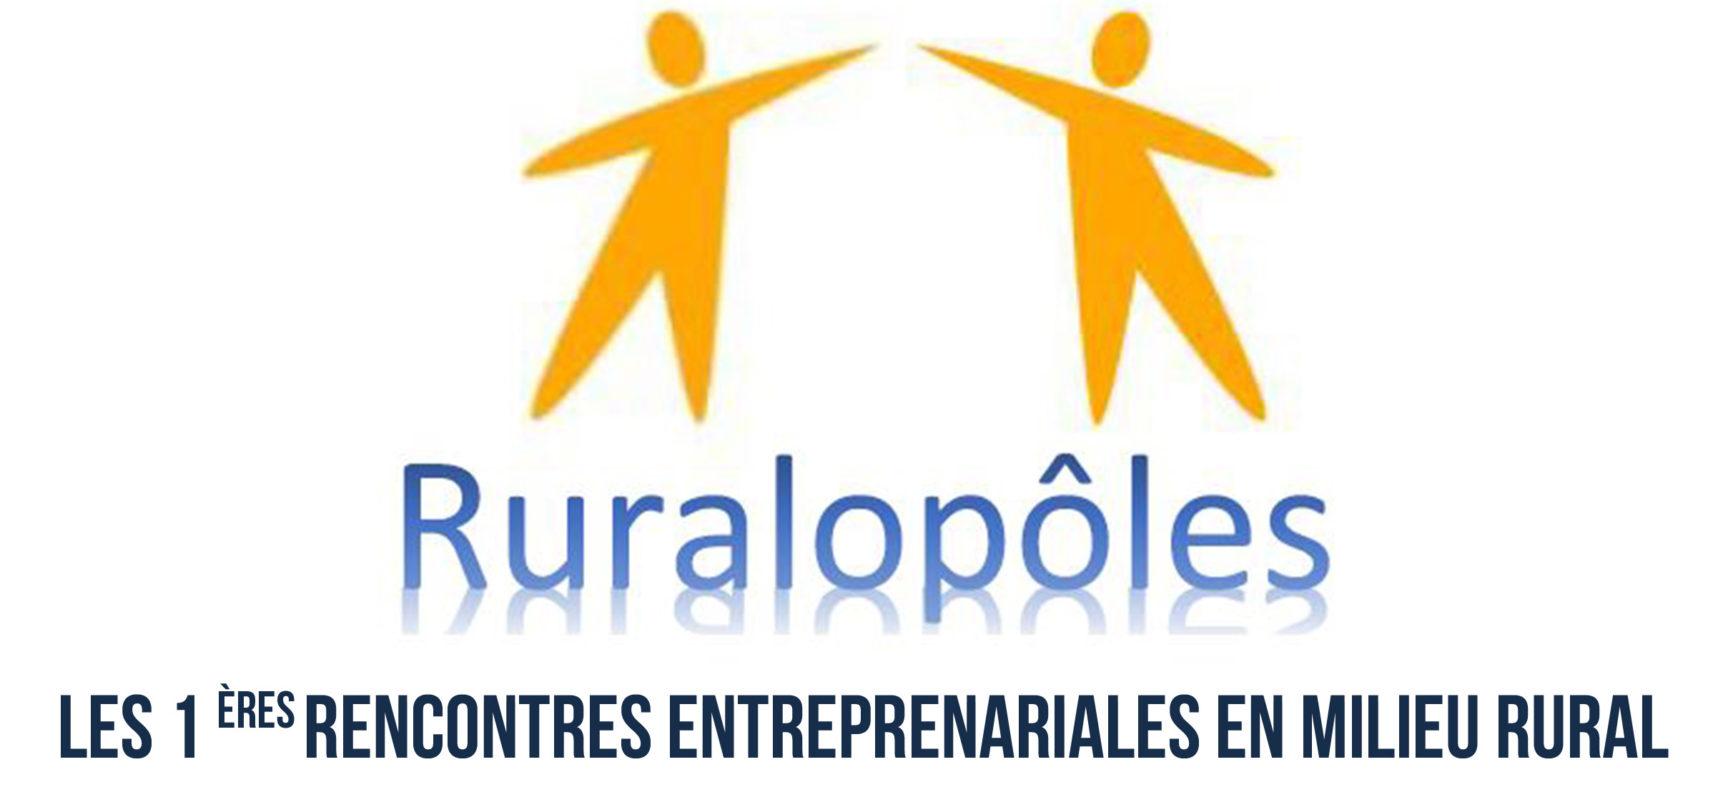 1ère édition des rencontres entrepreneuriales en milieu rural - 29 juin 2018